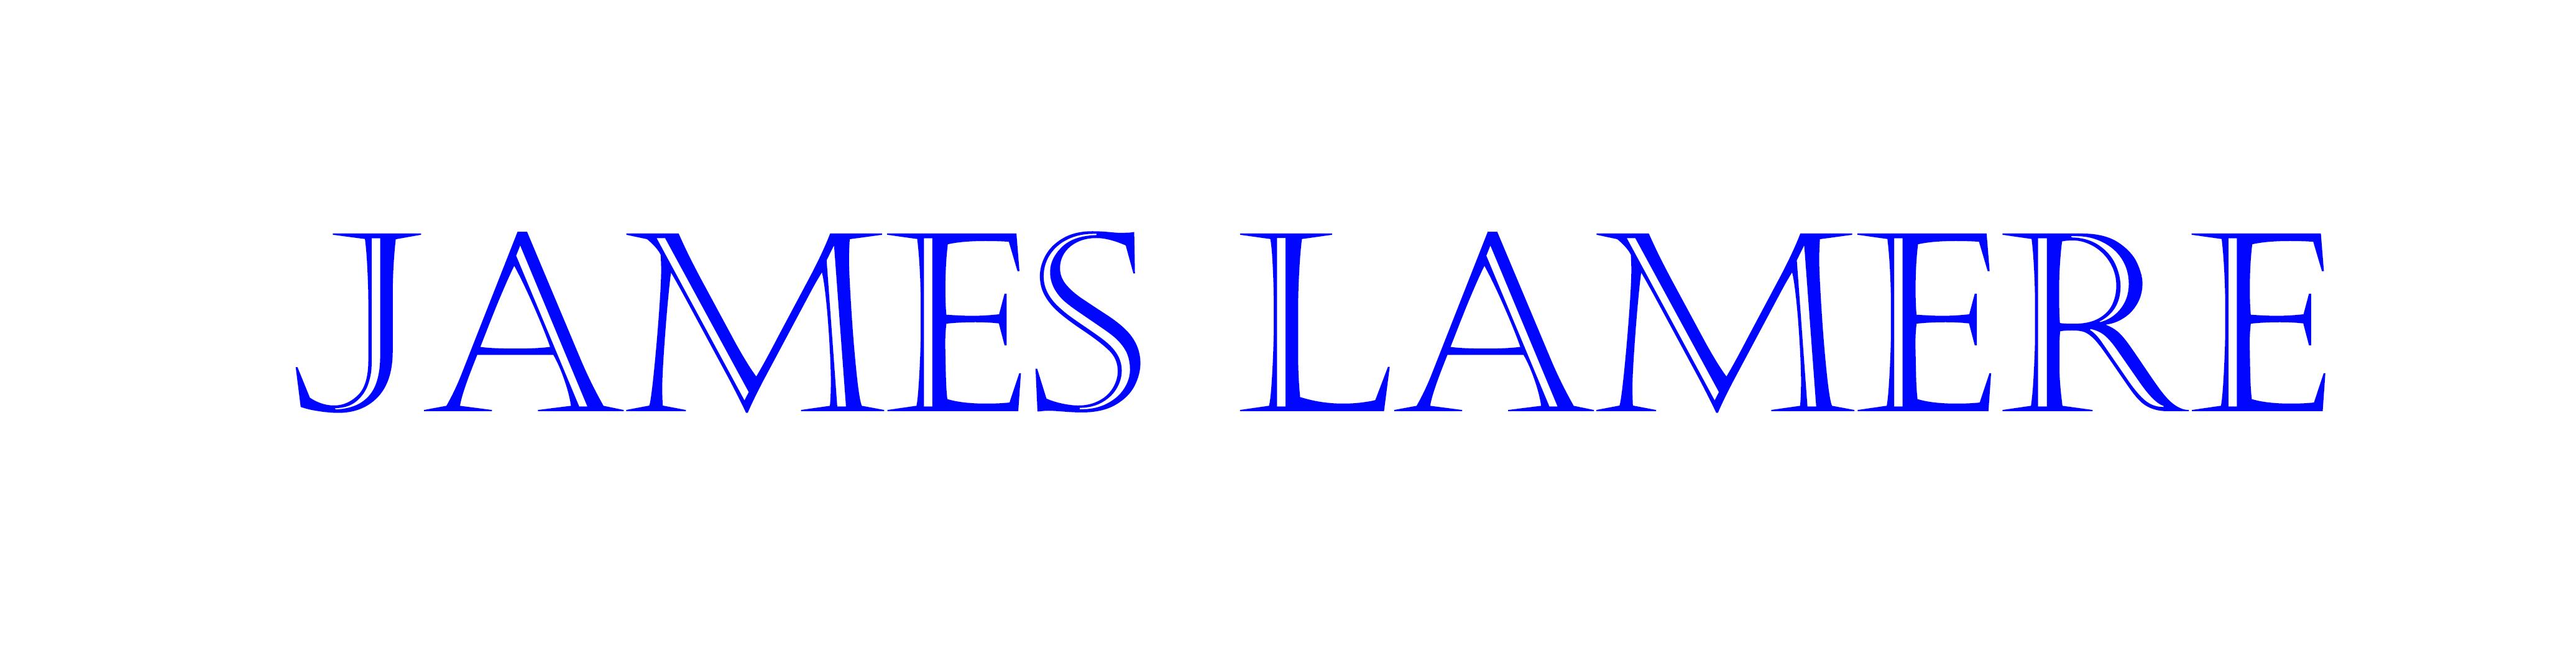 James LaMere's Signature